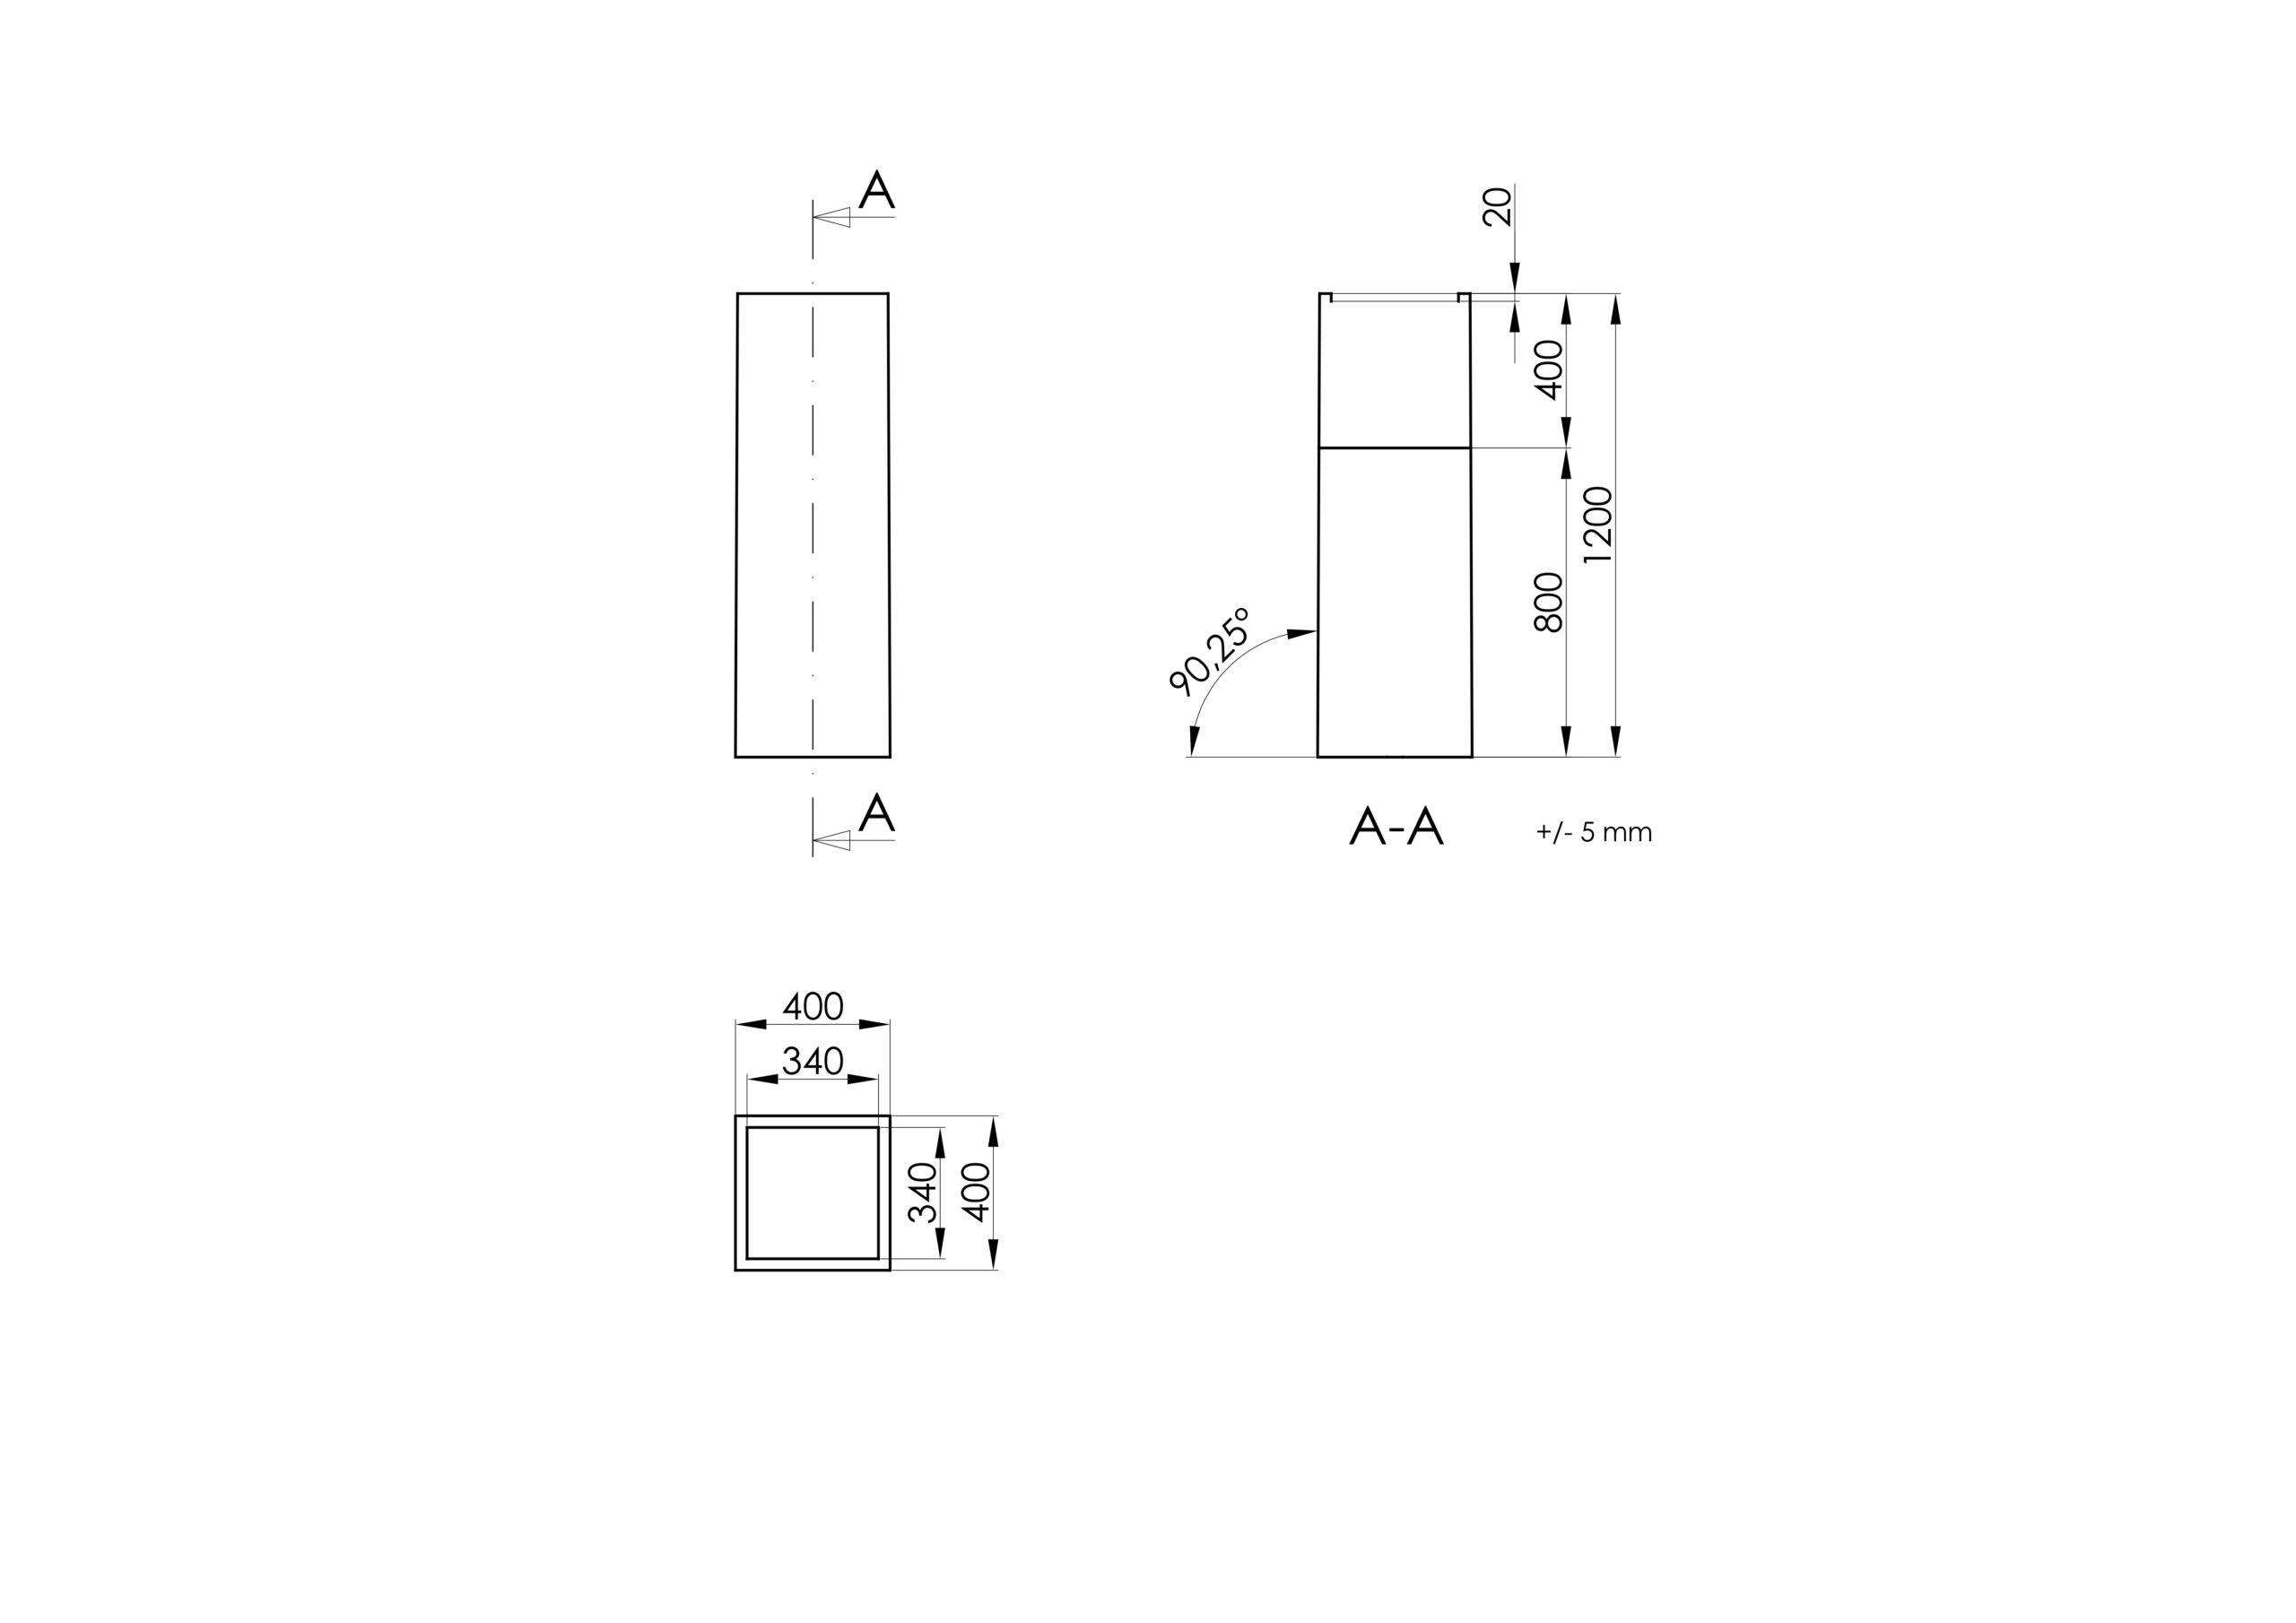 Carlo 3 - Technisches Zeichnen